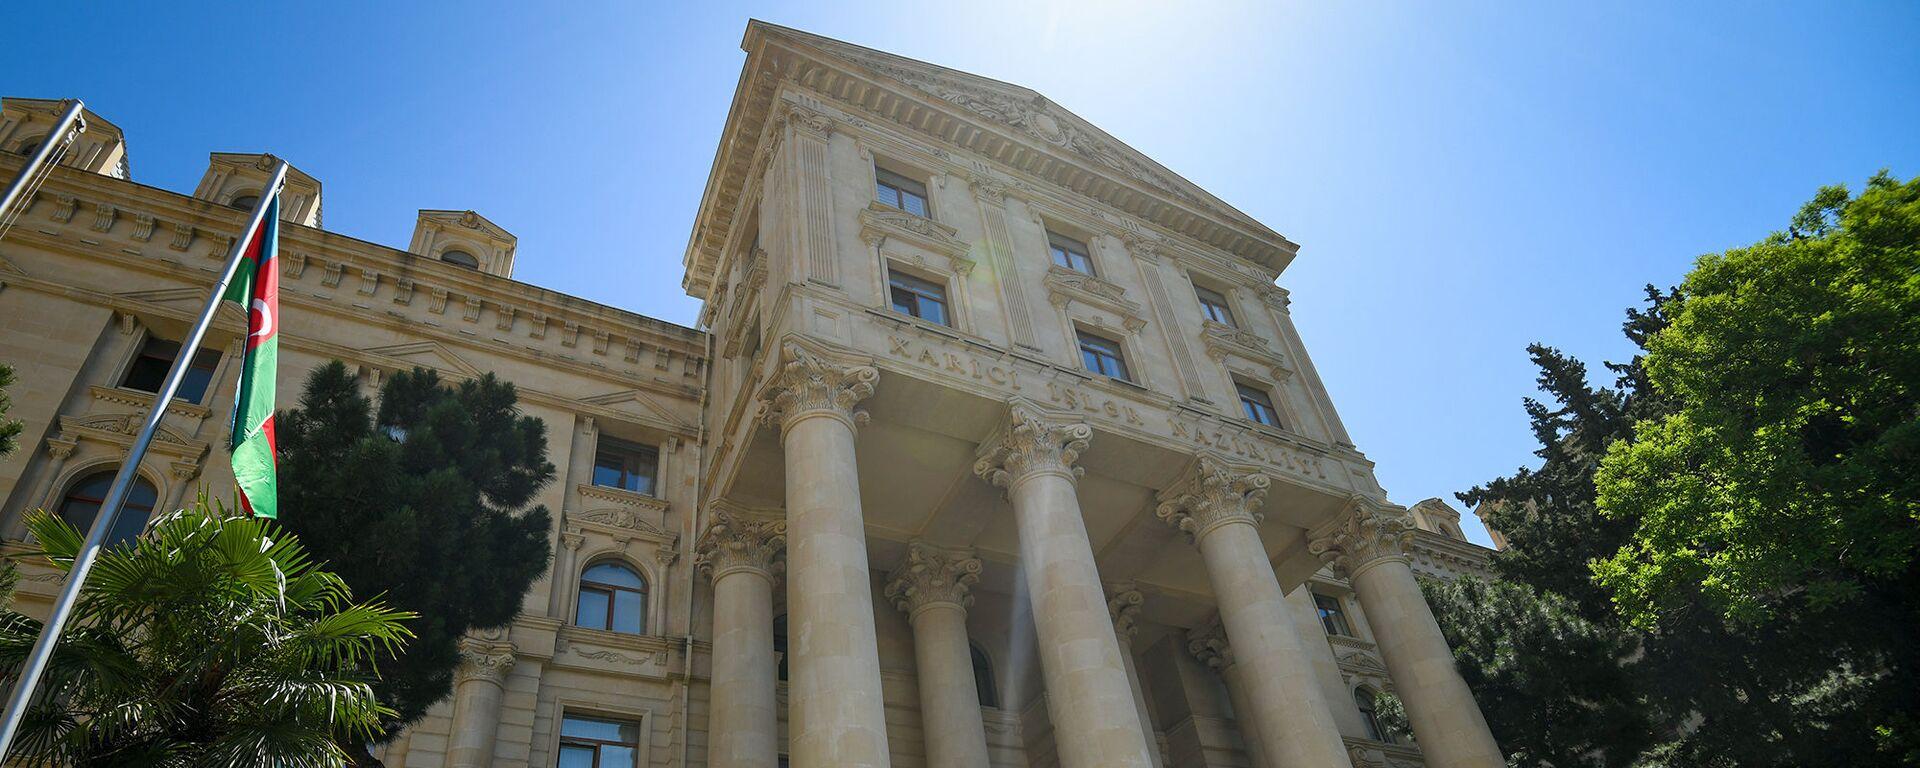 Здание Министерства иностранных дел Азербайджанской Республики в Баку - Sputnik Azərbaycan, 1920, 04.02.2020